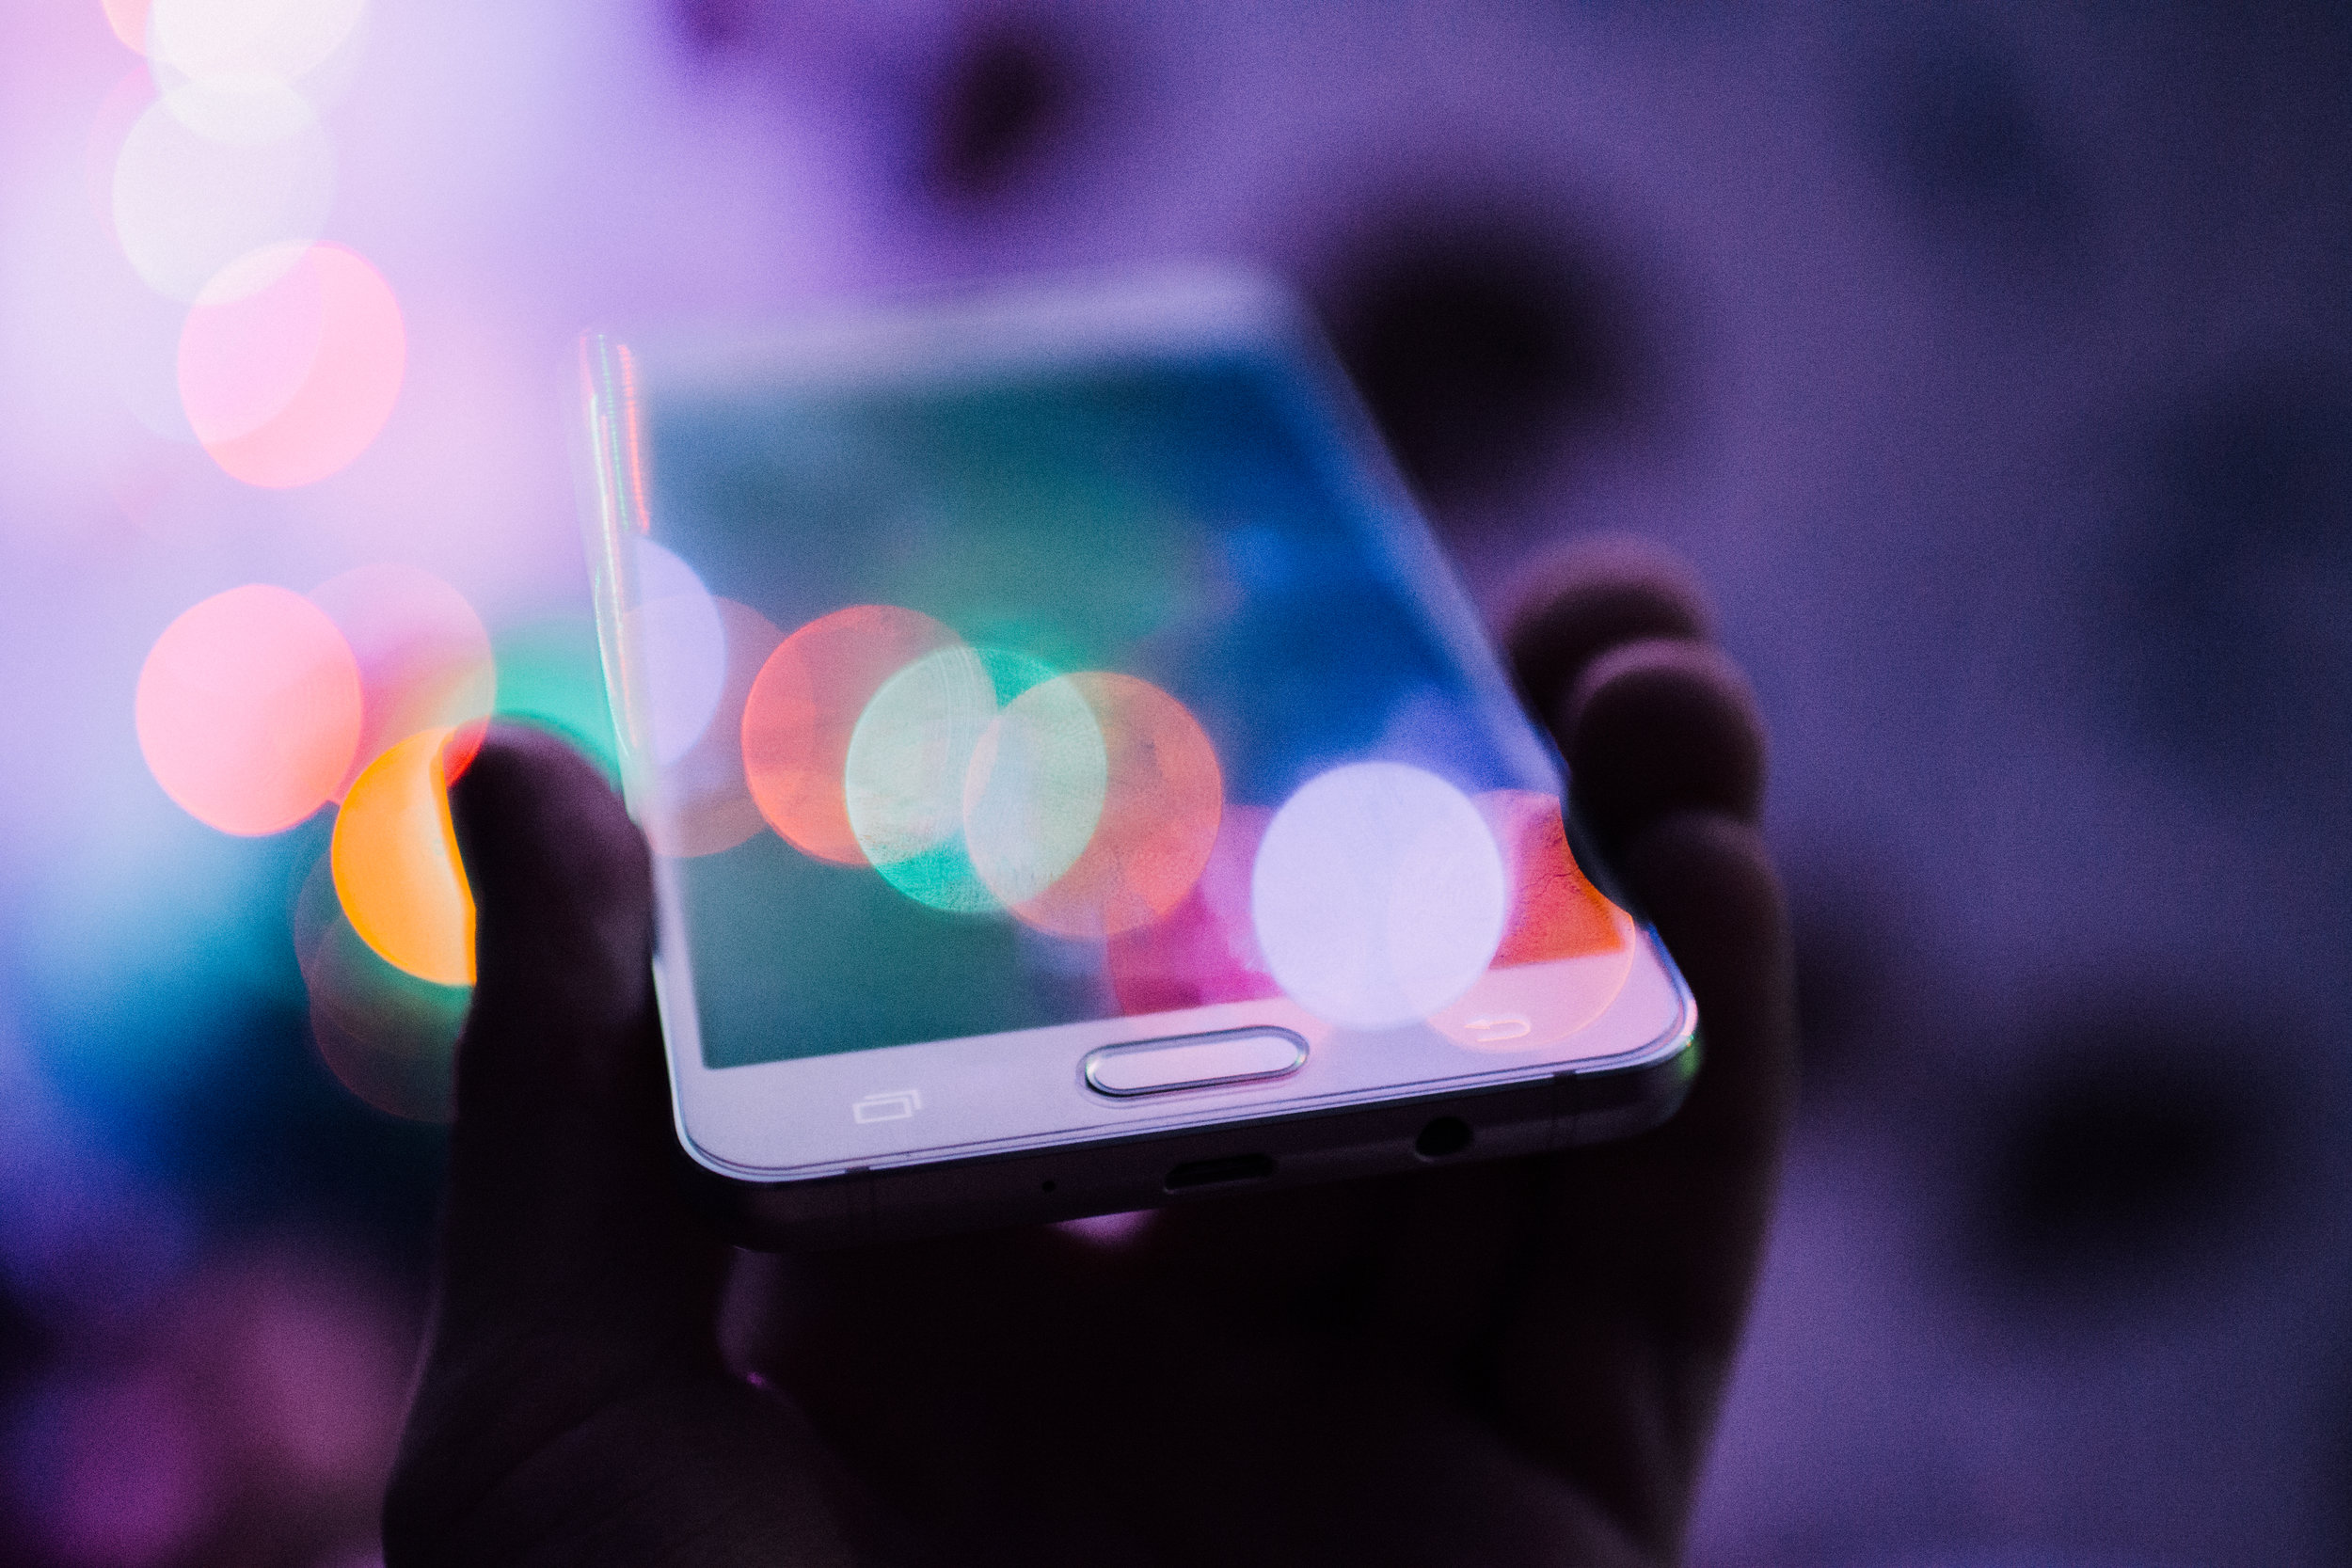 Content Management - Vi øker våre kunders synlighet og salg gjennom markedsstrategi, innholdsproduksjon, nettsider og kommunikasjon via sosiale medier. Vi bygger verktøyene, produserer innhold og drifter dine kommunikasjonskanaler for maks effekt.Eksempler: Smakglede.no for Coop Nordvest, Gaularfjellsnettverket, næringsselskapet Aksello, 4H-gard